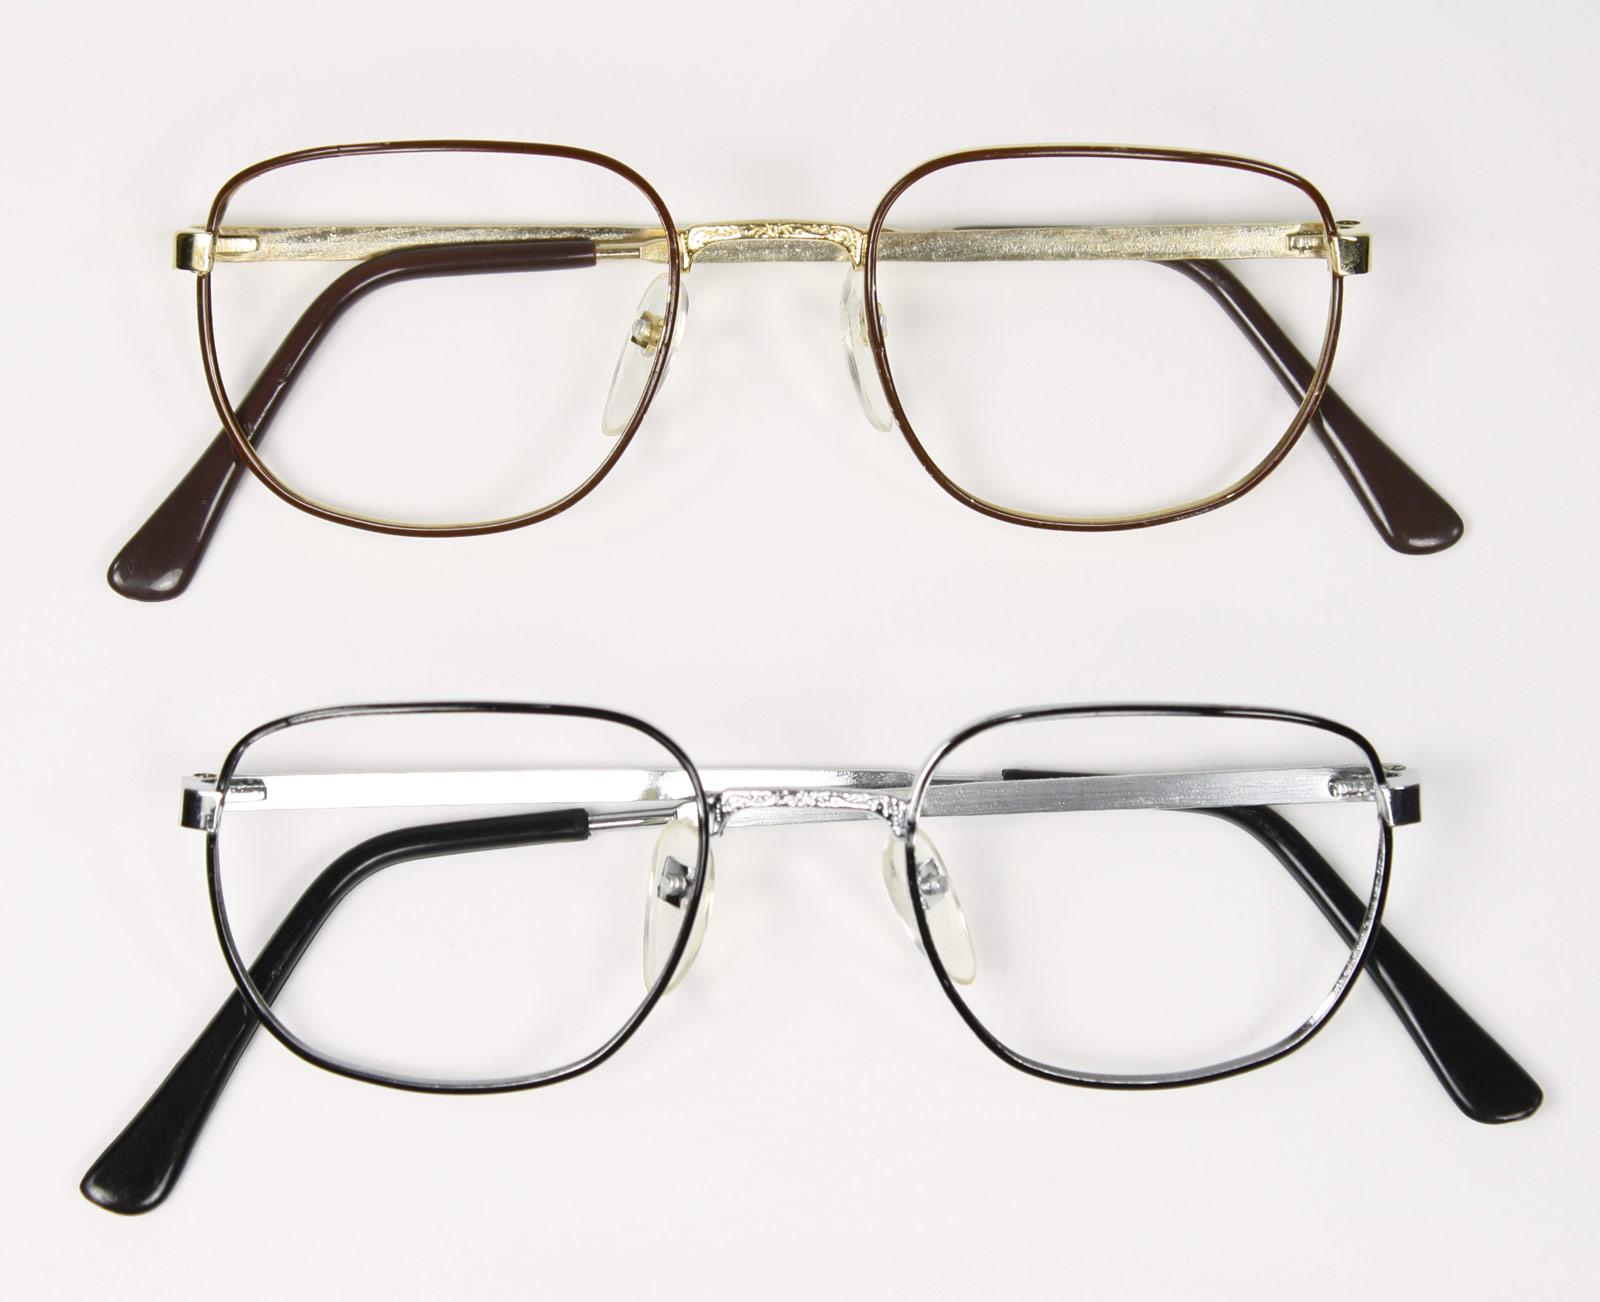 3755c9170ad Walter white heisenberg breaking bad glasses gold black halloween costume  jpg 1600x1302 Walter white glasses black